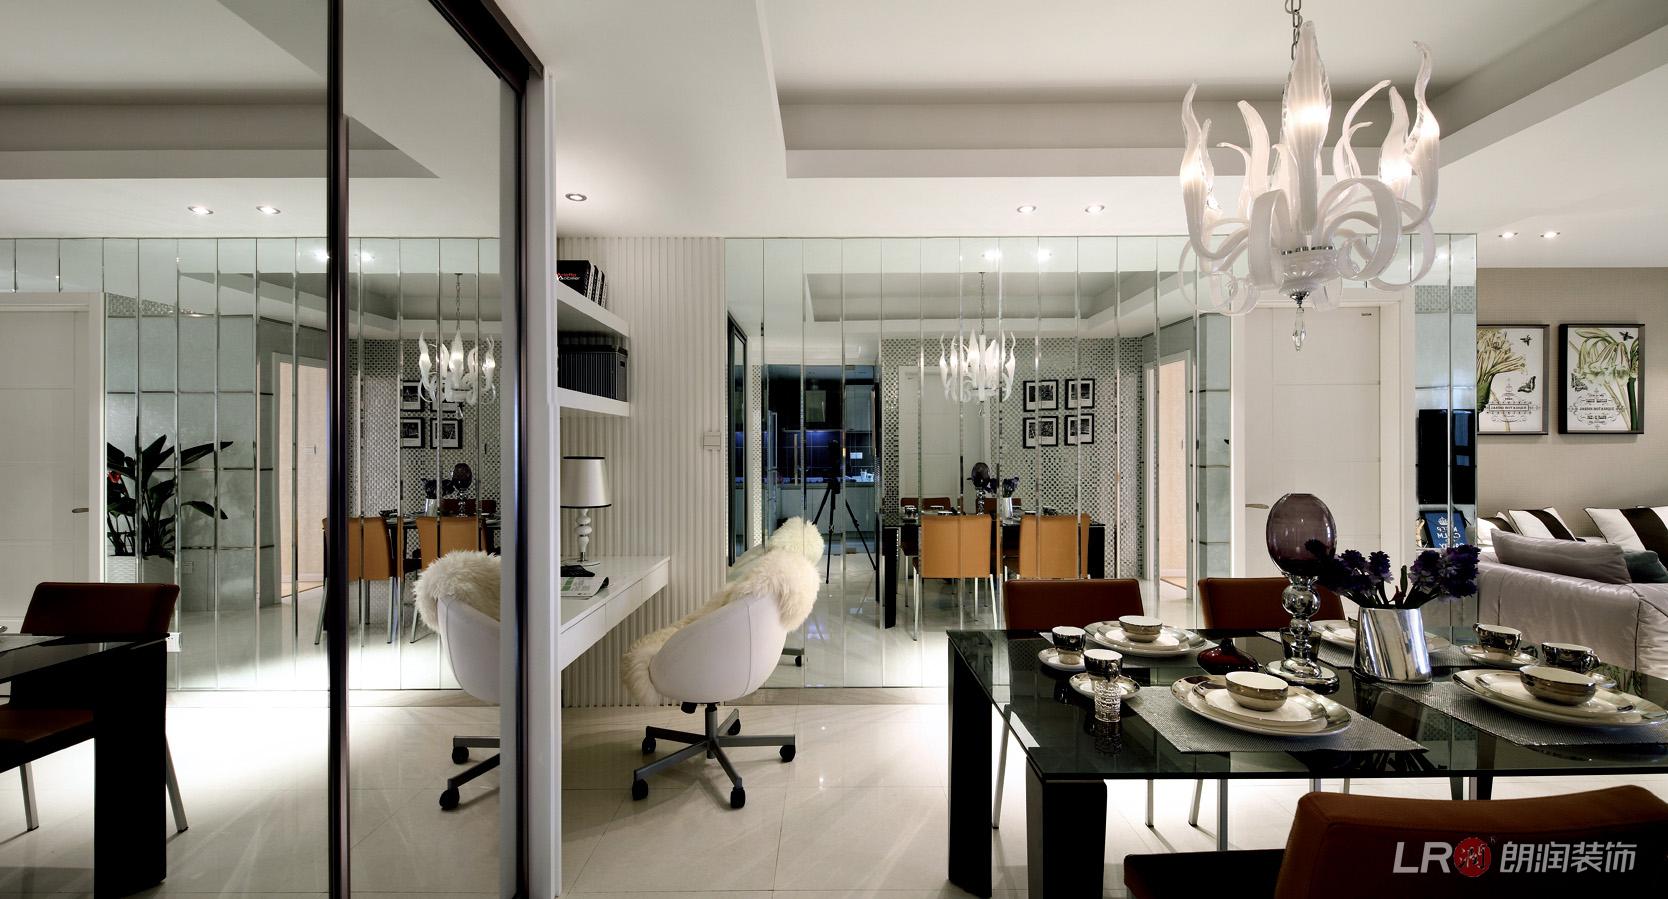 现代 几虐 三居 温馨 舒适 餐厅图片来自朗润装饰工程有限公司在世茂玉锦湾-现代经典主义的分享